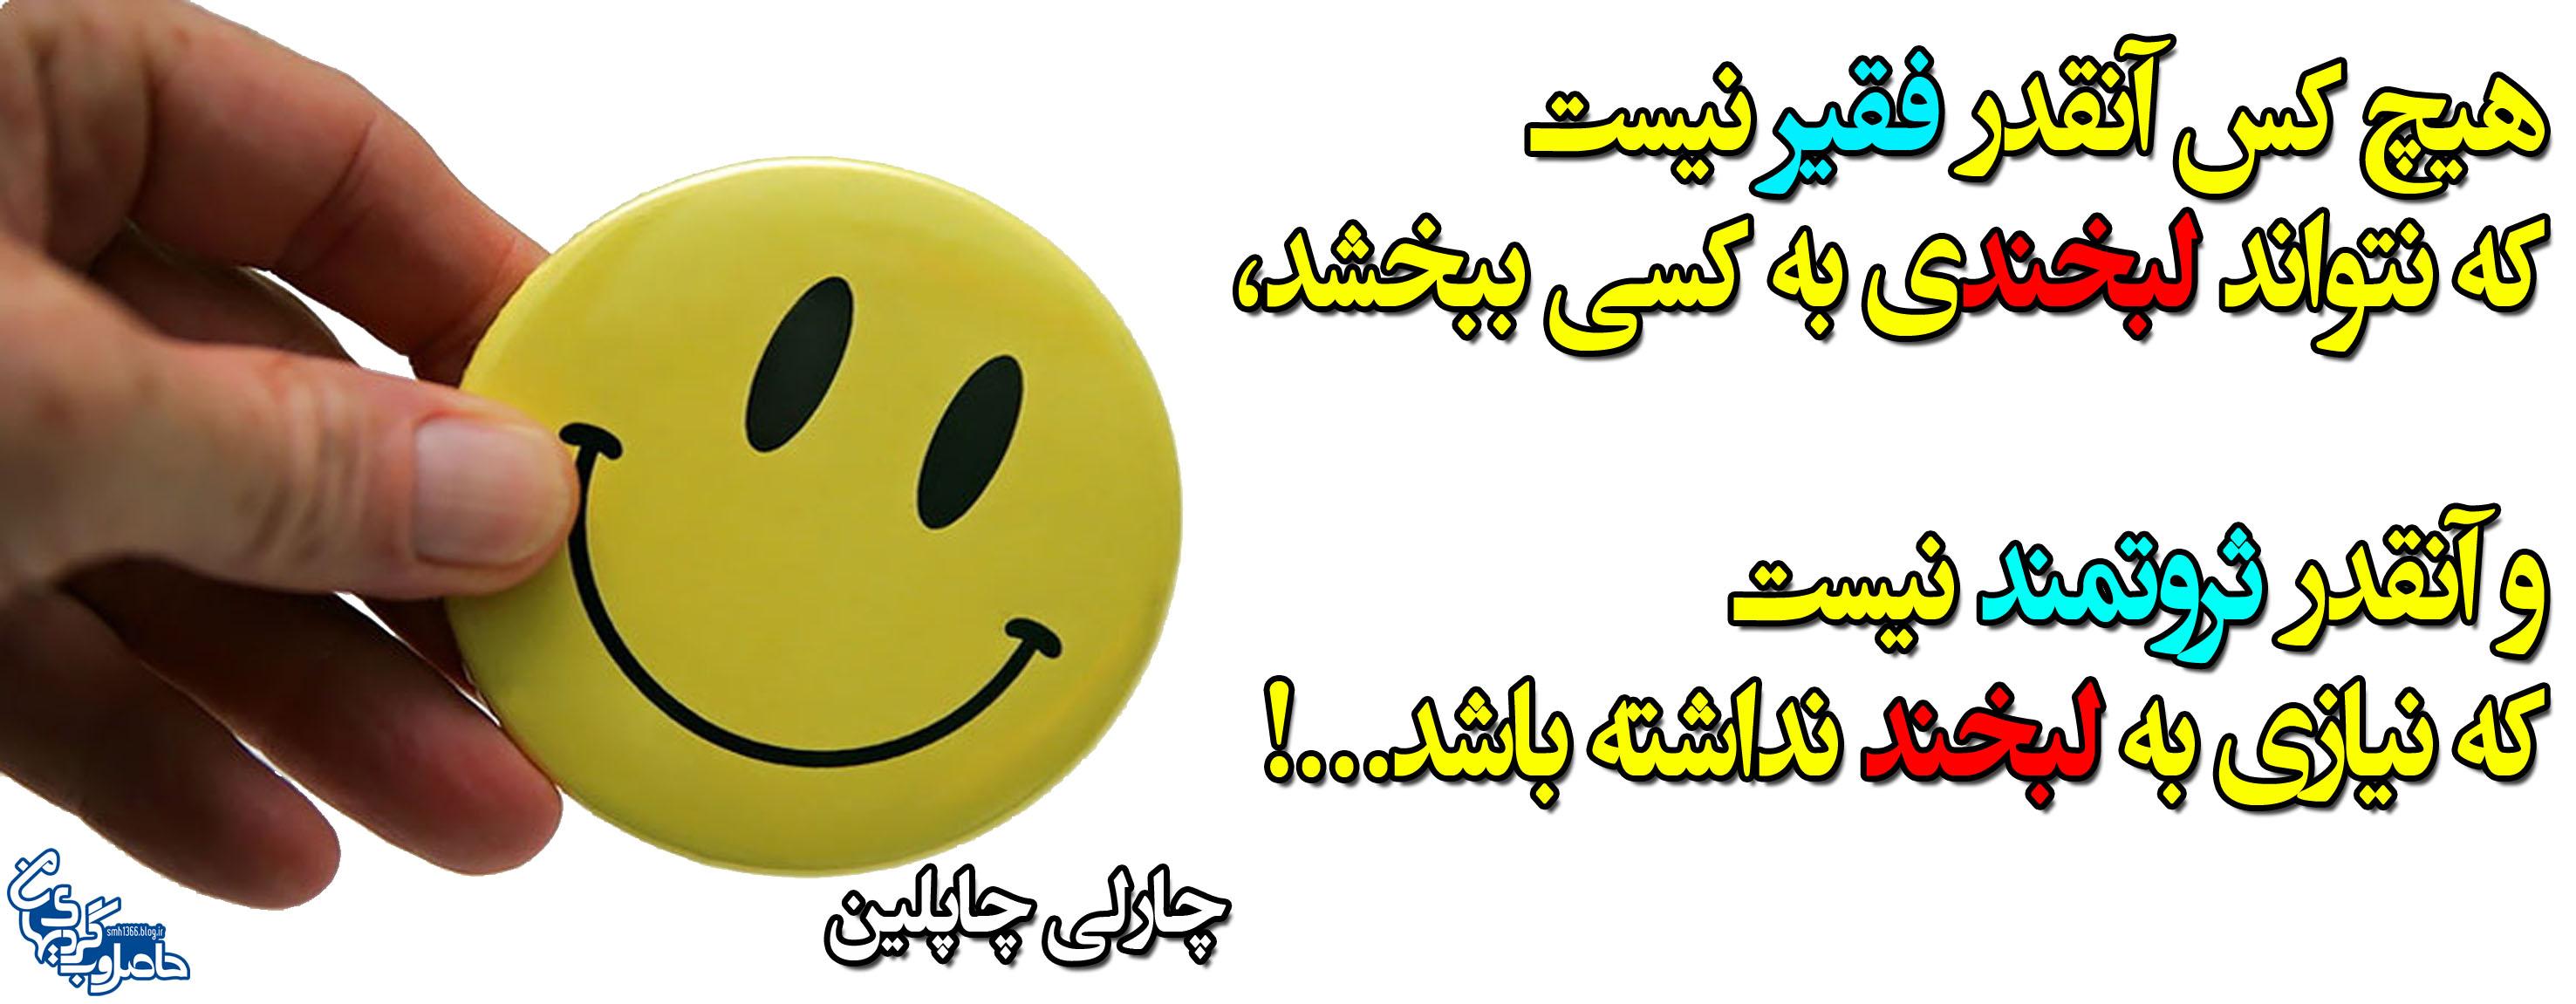 لطفاً لبخند بزنید